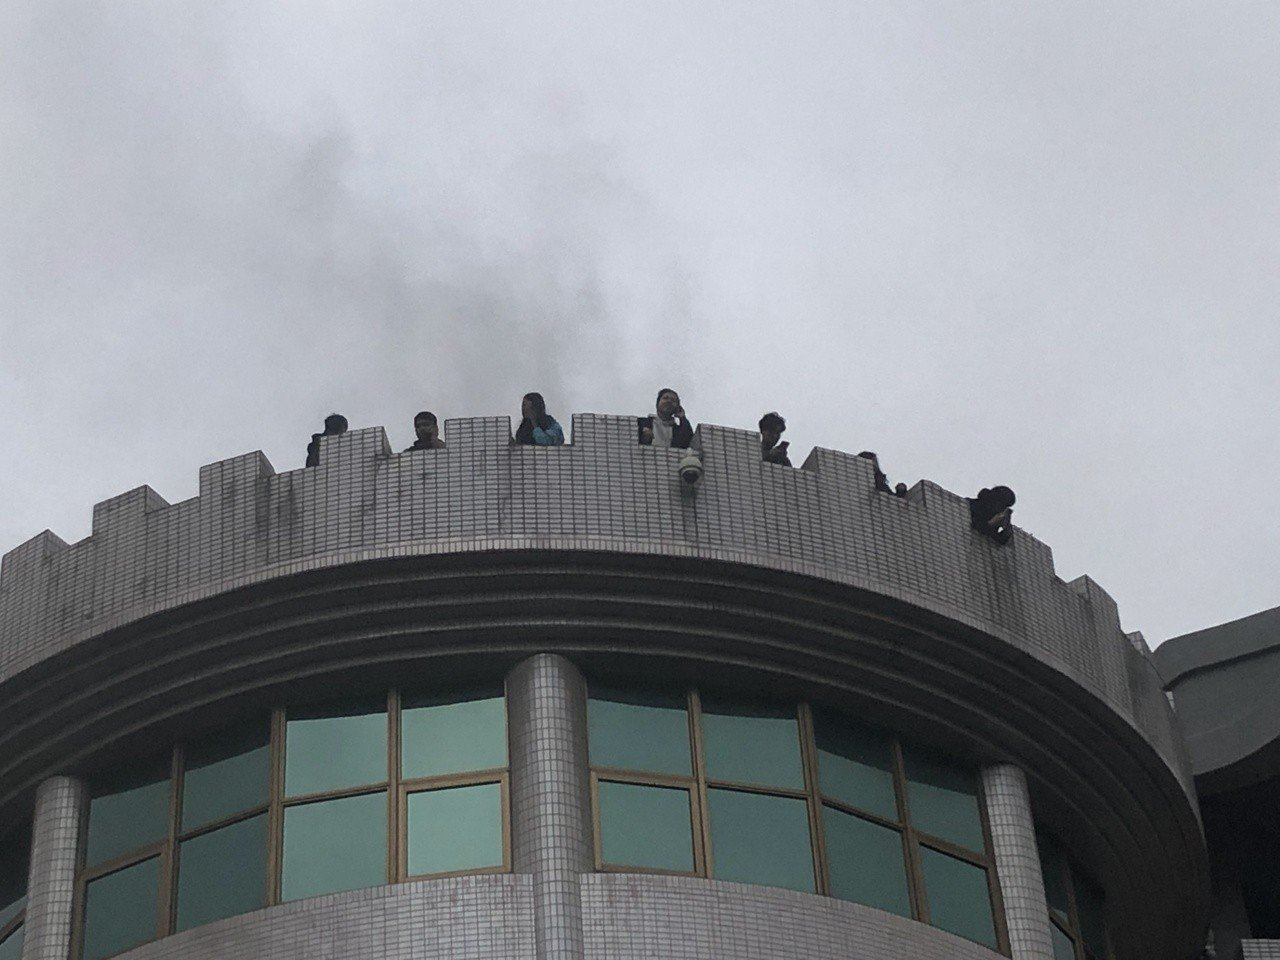 中國文化大學大典館5樓下午發生火警,疑有16人受困頂樓,無安全顧慮,目前消防隊入...